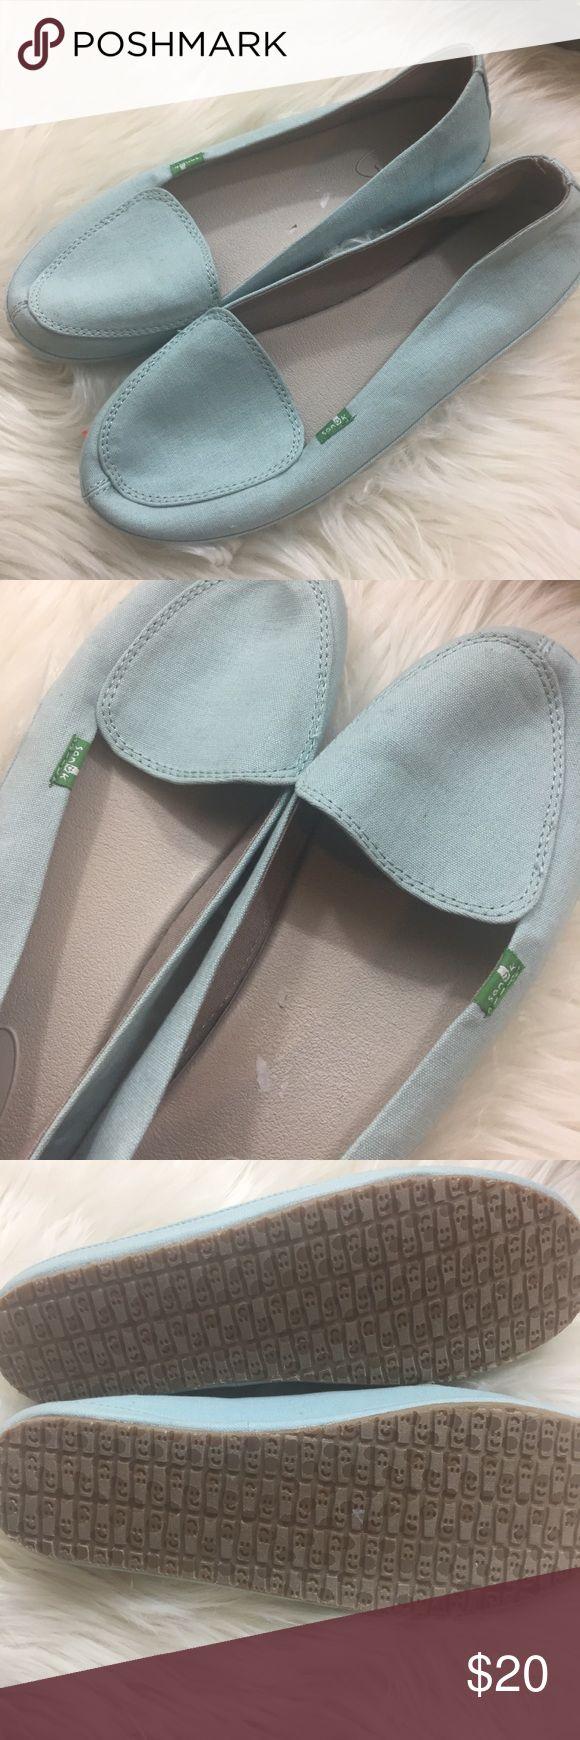 Best 25 Sanuk Shoes Ideas On Pinterest Yoga Sandals